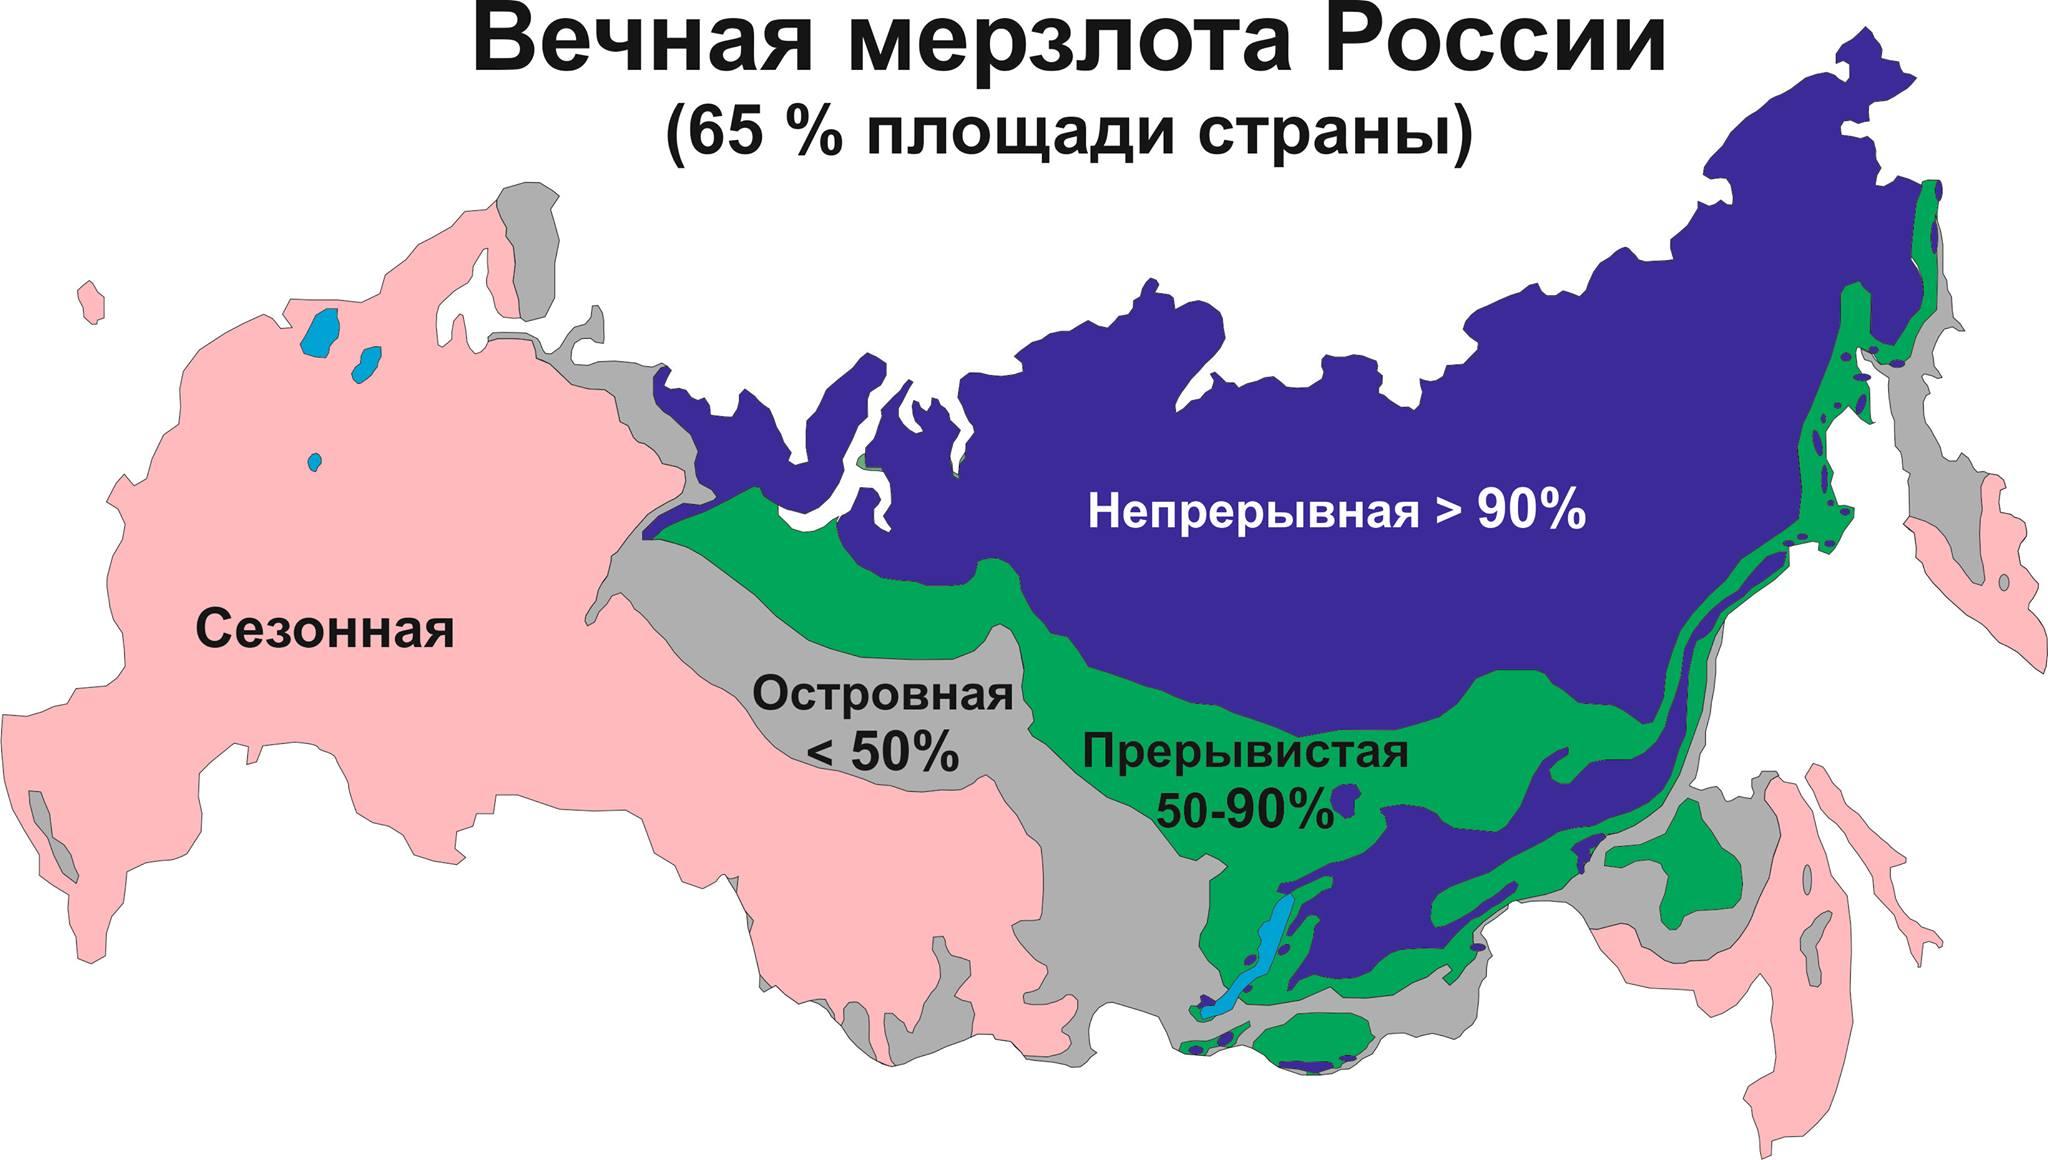 Глава Якутии предупредил о возможных новых бактериологических вызовах обществу на фоне пандемии - фото 2